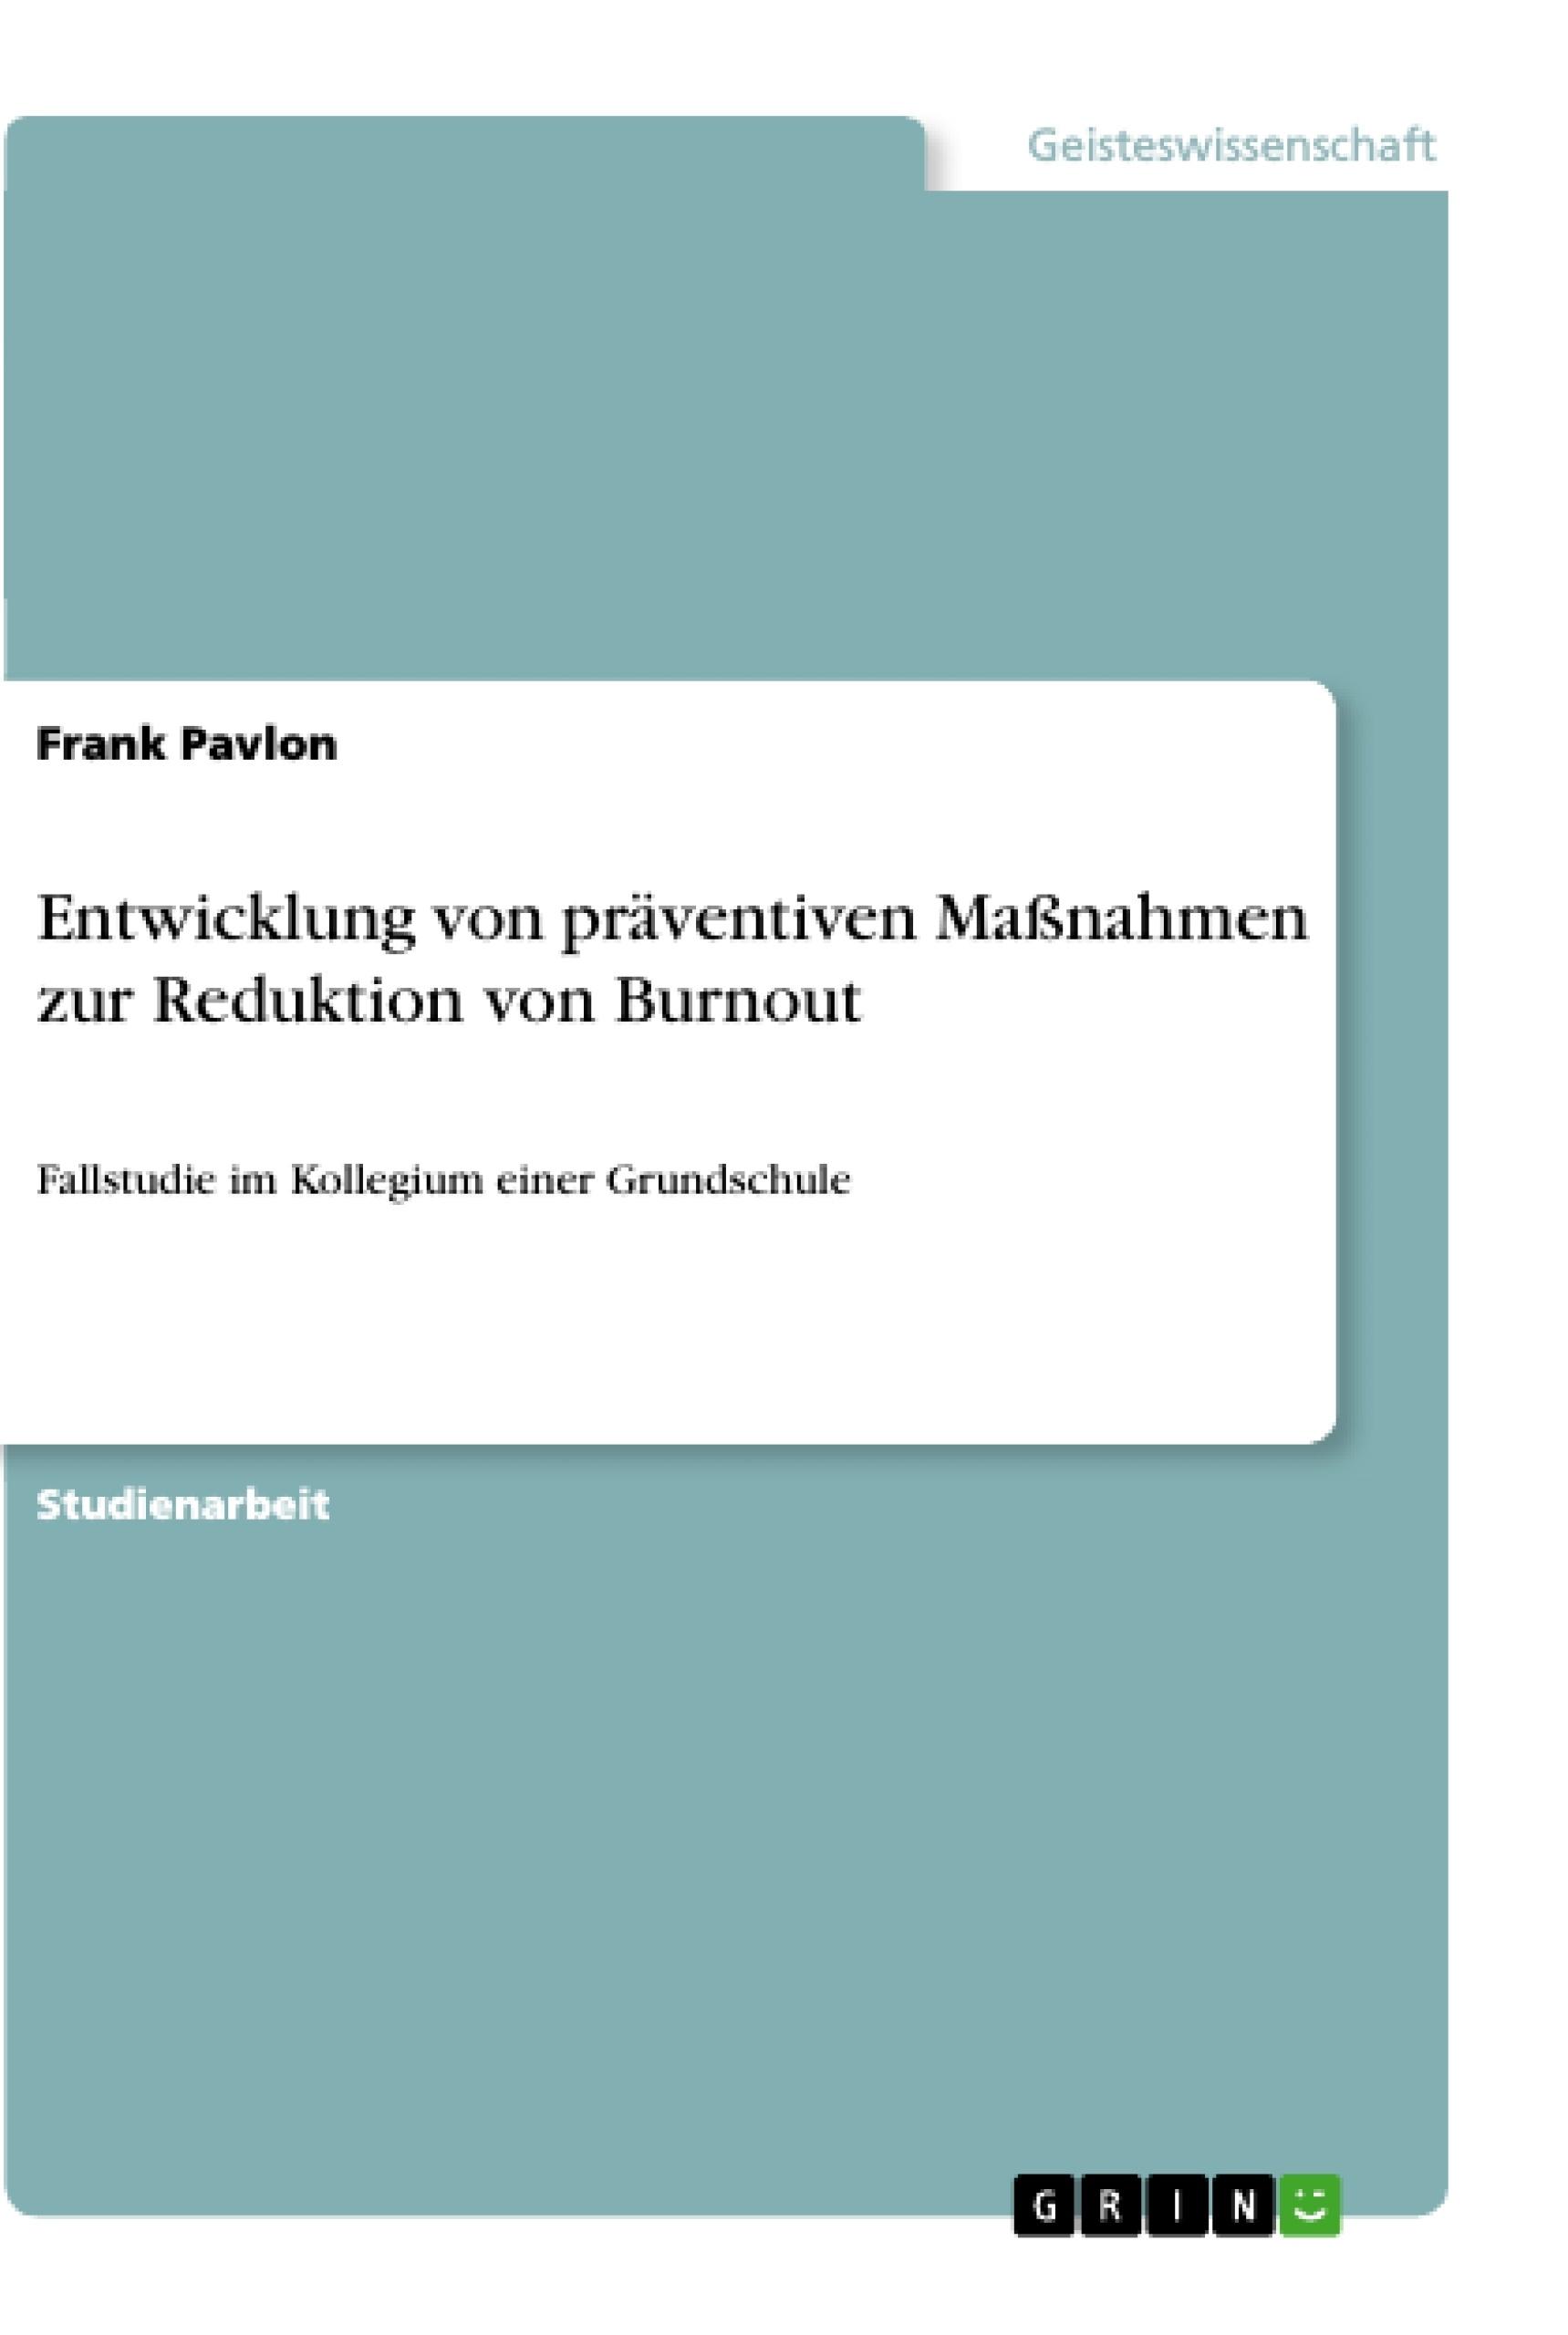 Titel: Entwicklung von präventiven Maßnahmen zur Reduktion von Burnout